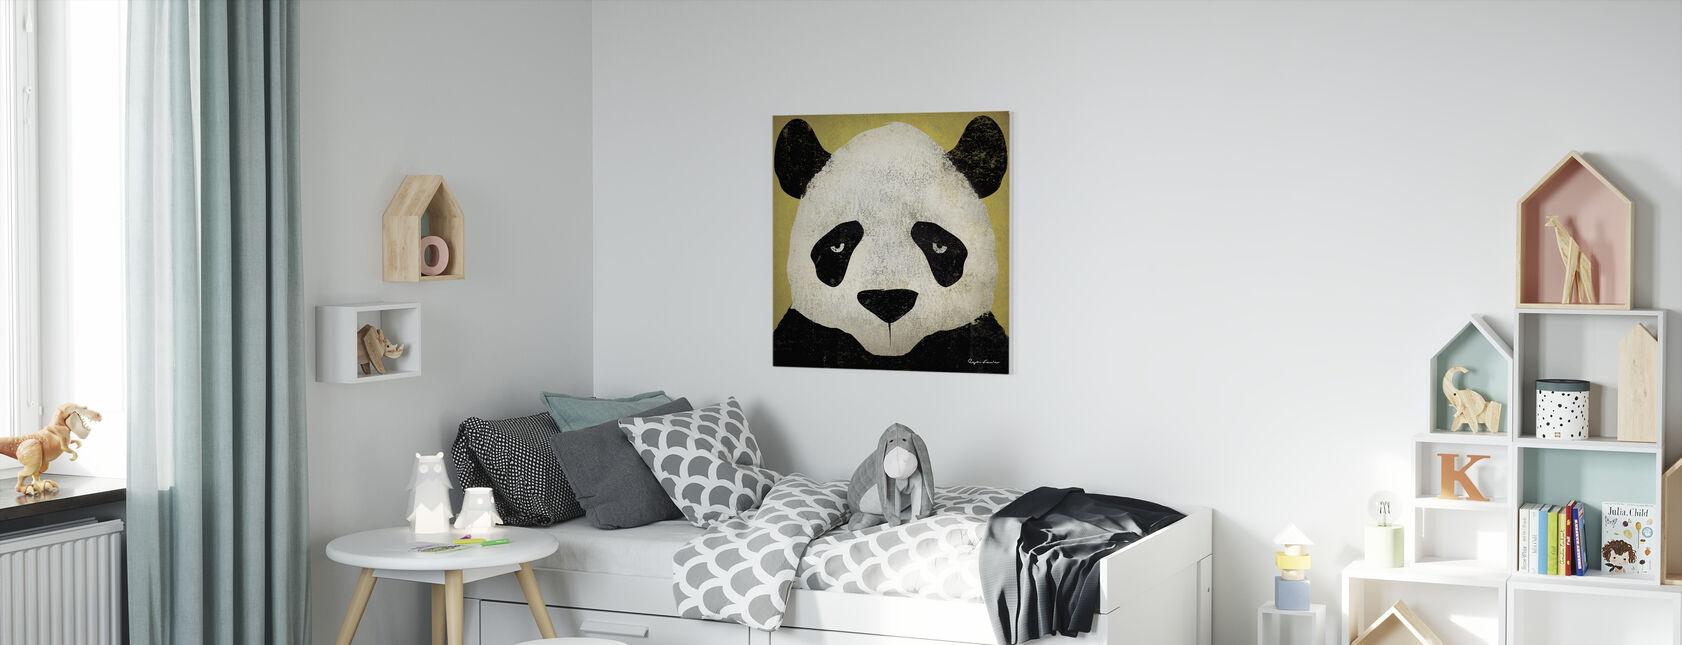 Ryan Fowler - Panda - Canvastaulu - Lastenhuone